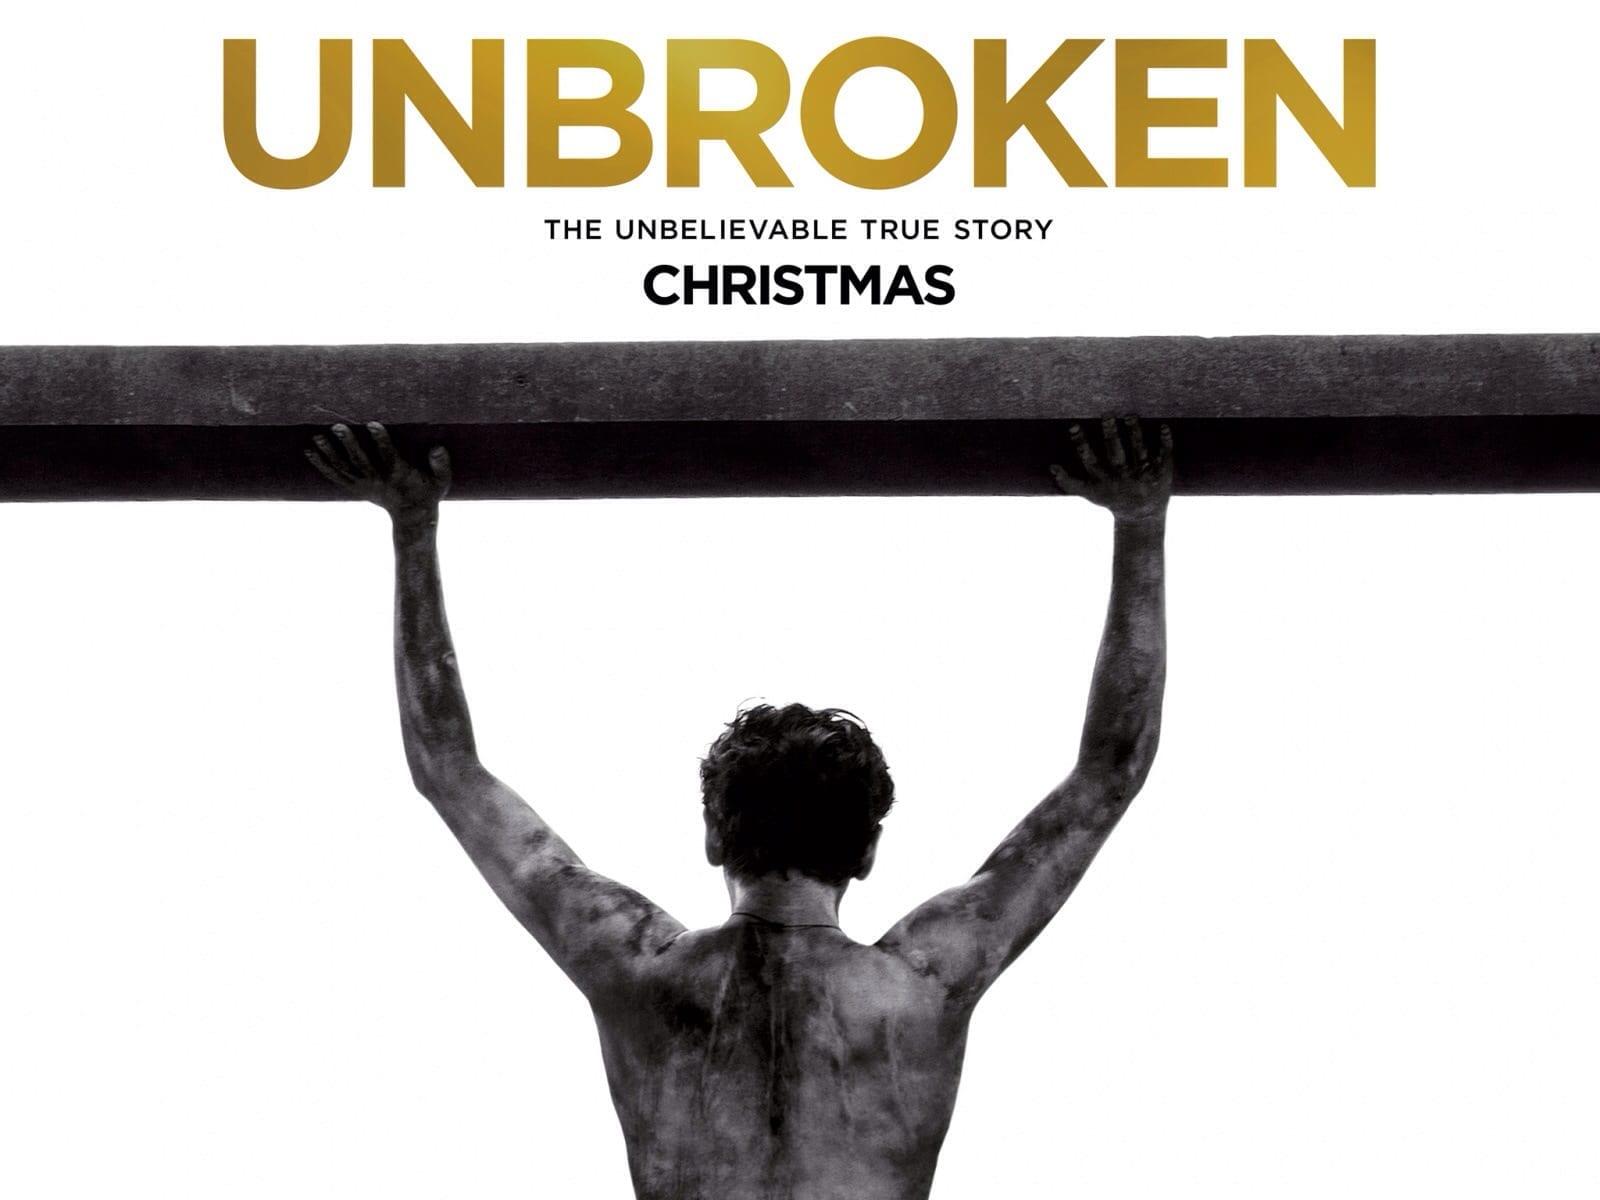 Film Review: Unbroken